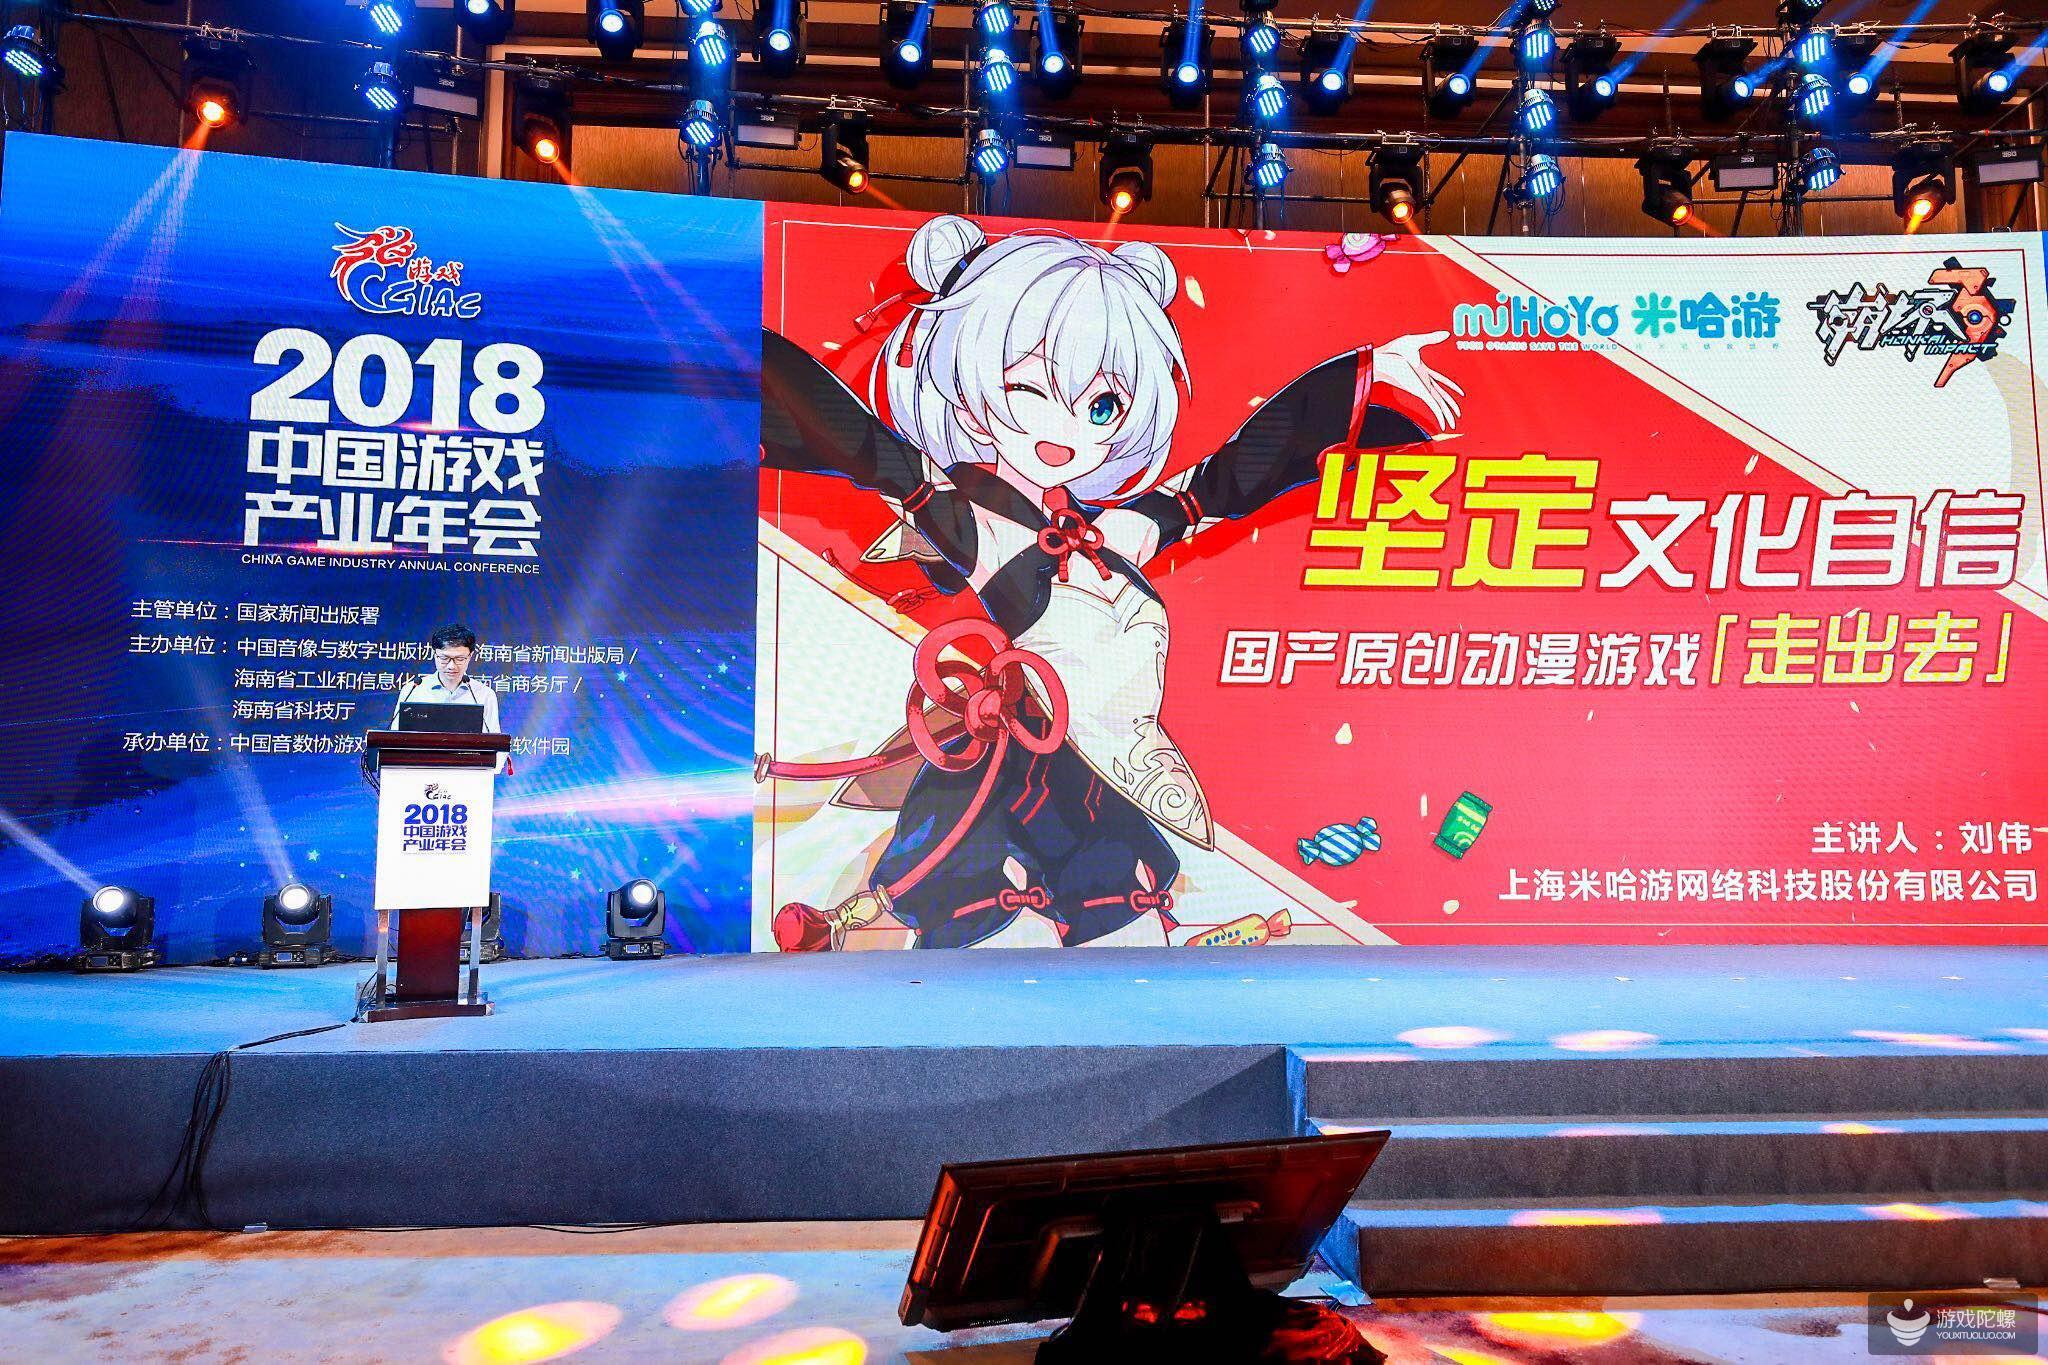 """米哈游CEO刘伟:坚定文化自信,国产原创动漫游戏""""走出去"""""""